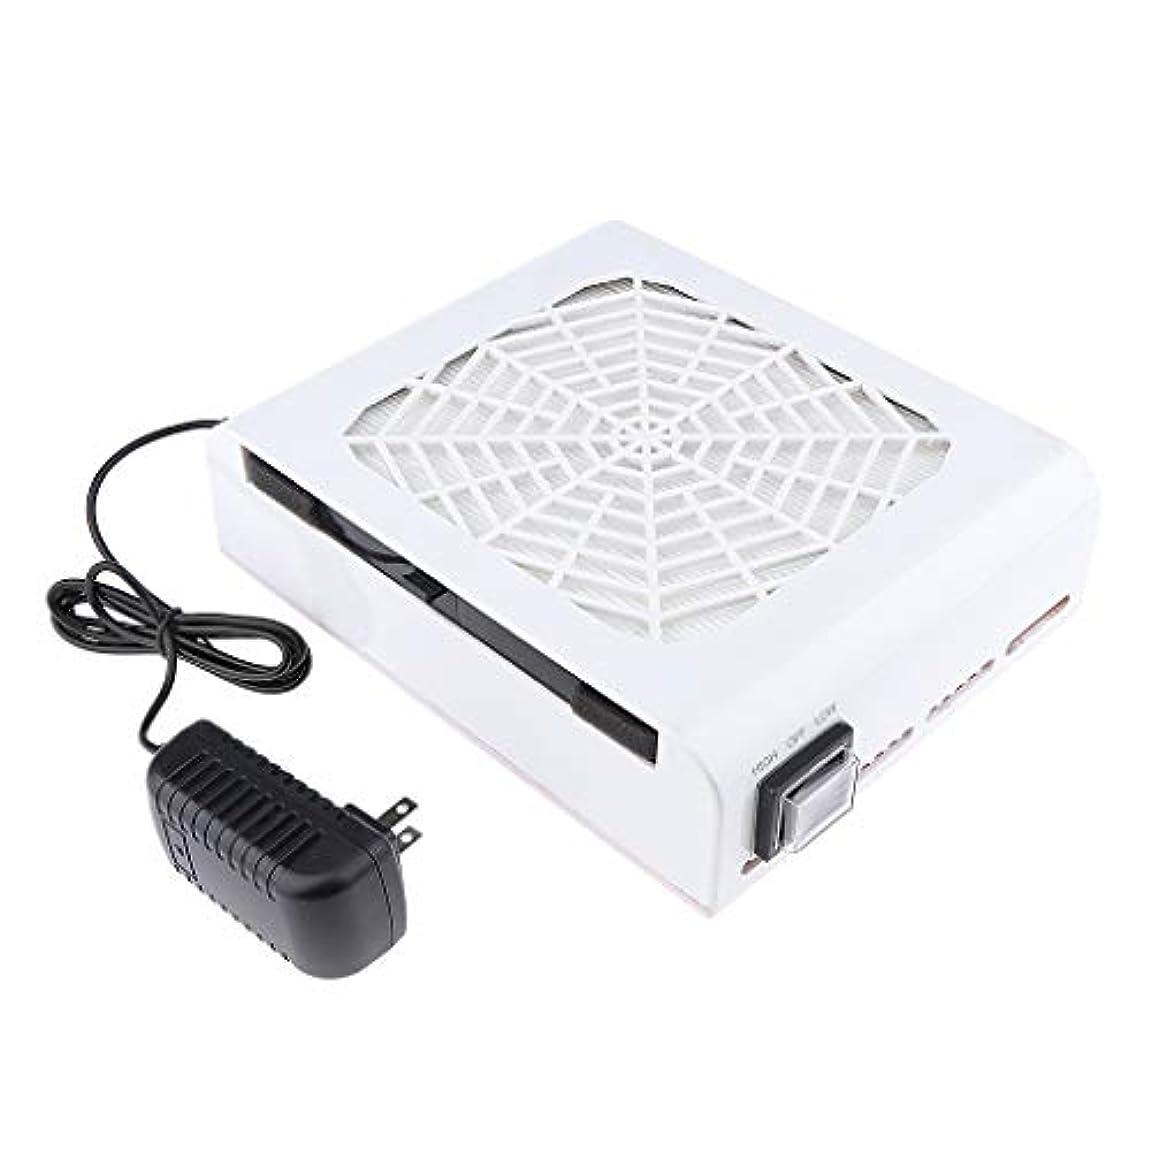 B Blesiya 48W ネイルダストコレクター ネイルフィルター 高品質 プロ ネイルサロン